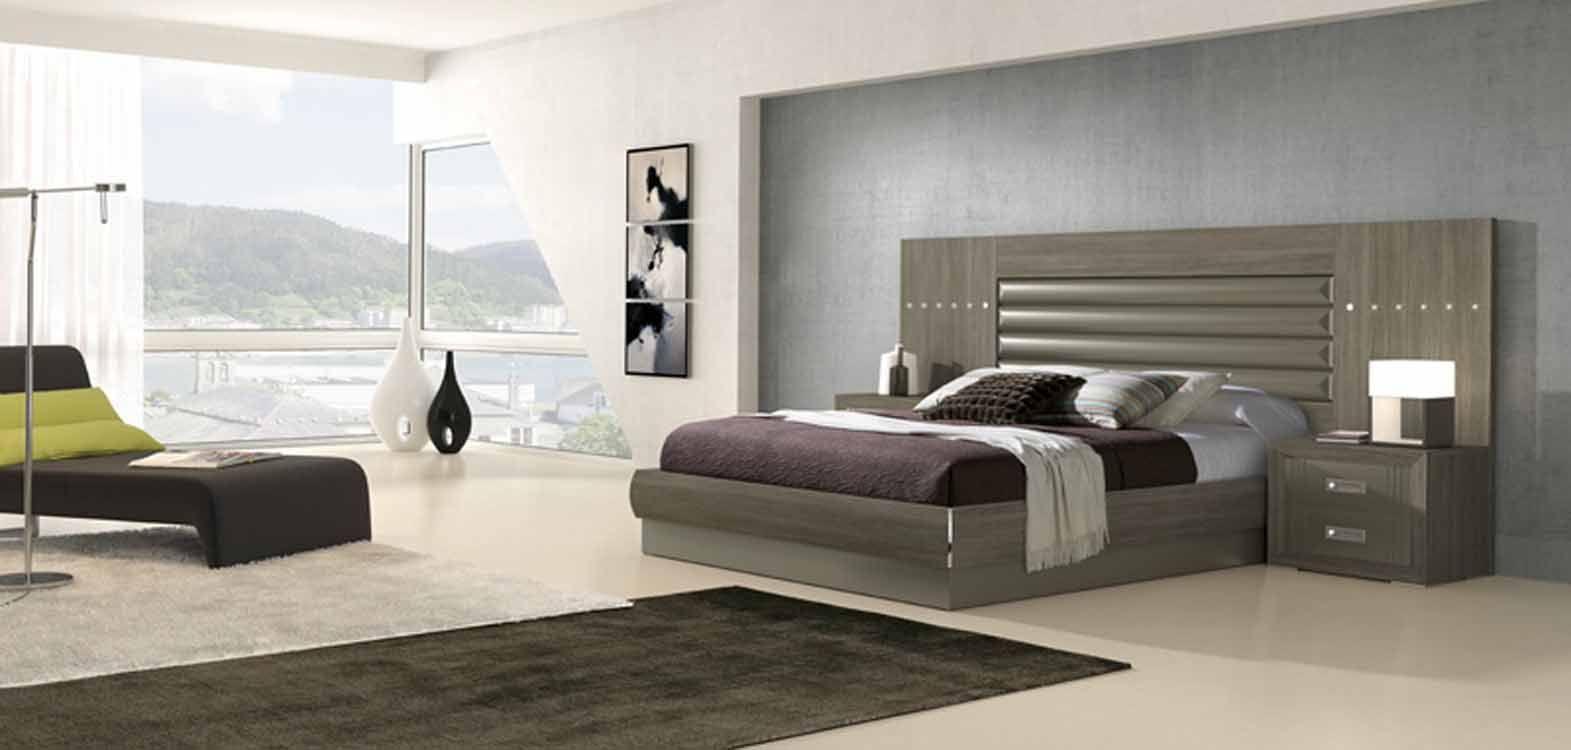 Dormitorios actuales catalogo 14 foto 5 camas for Dormitorios actuales